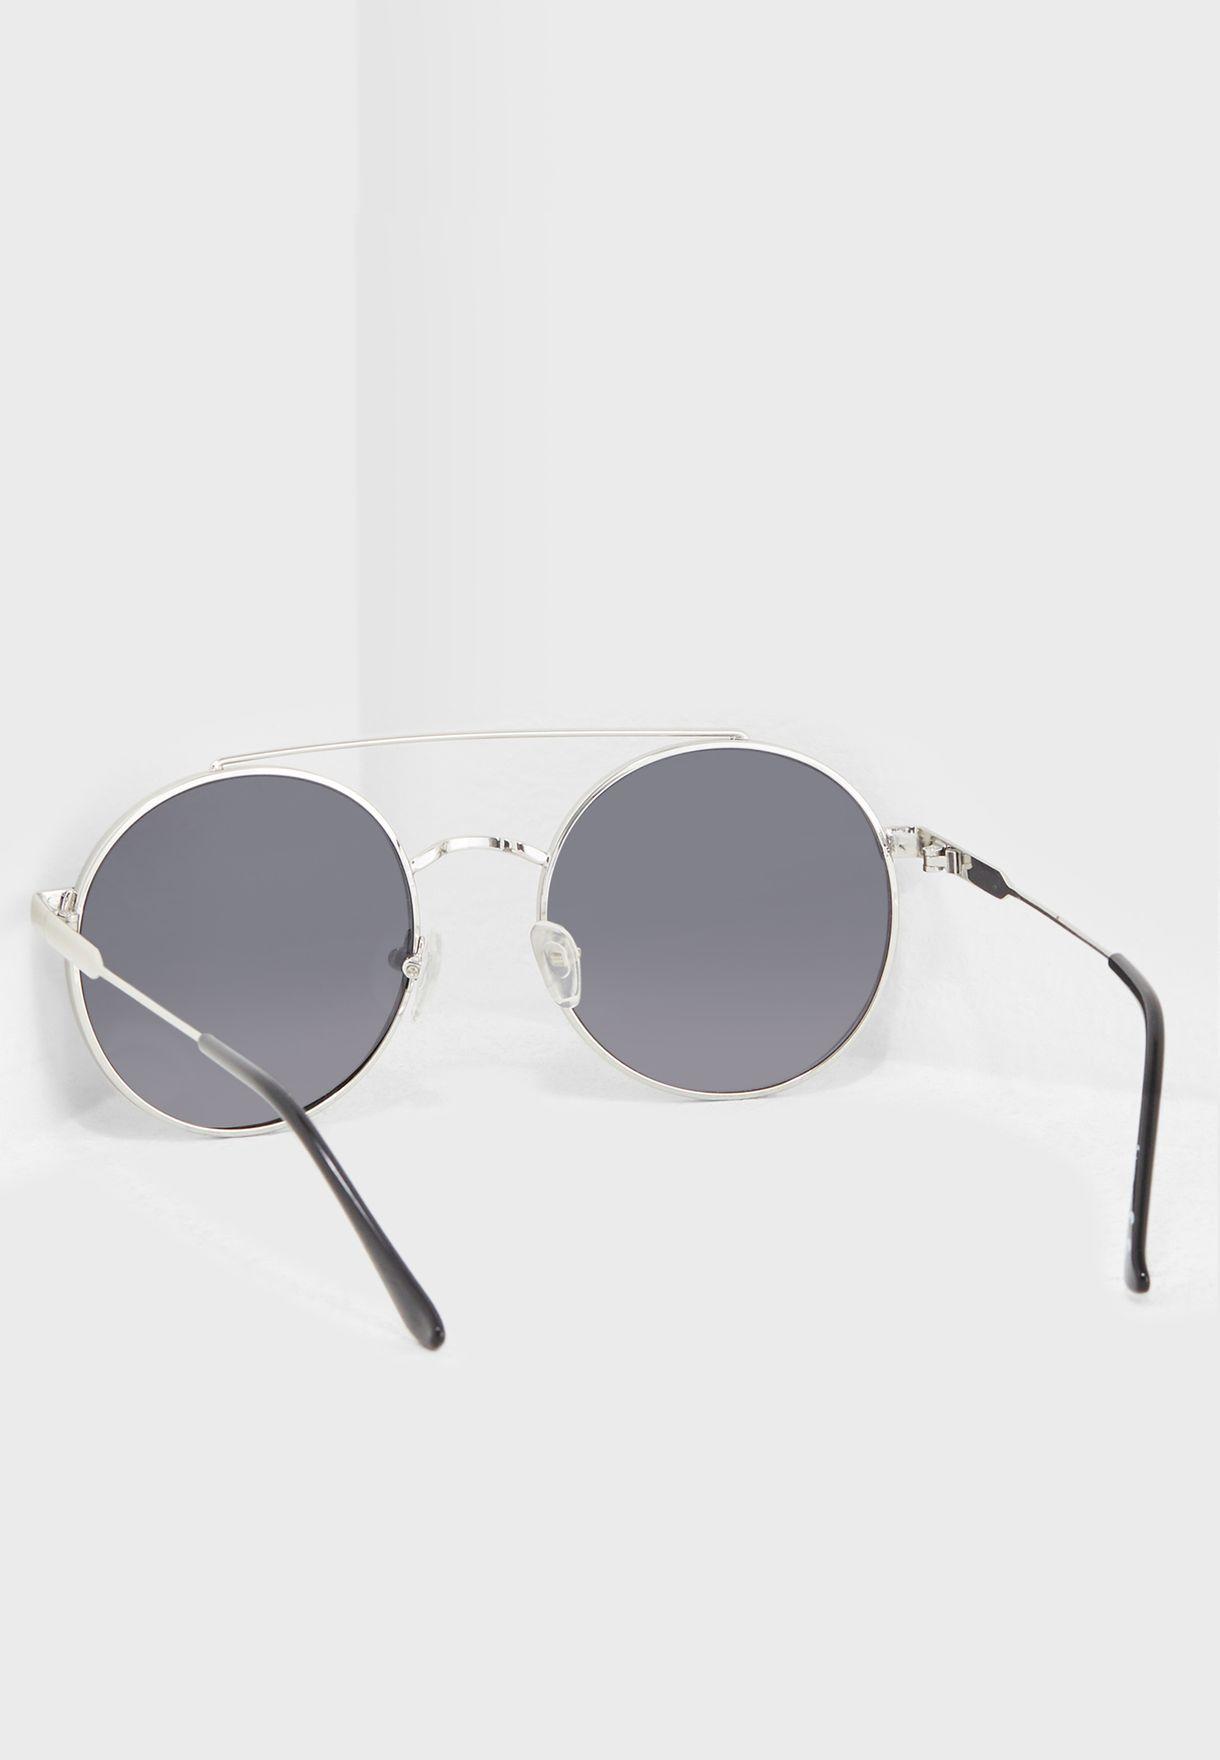 نظارات شمسية دائرية بجسر مزدوج